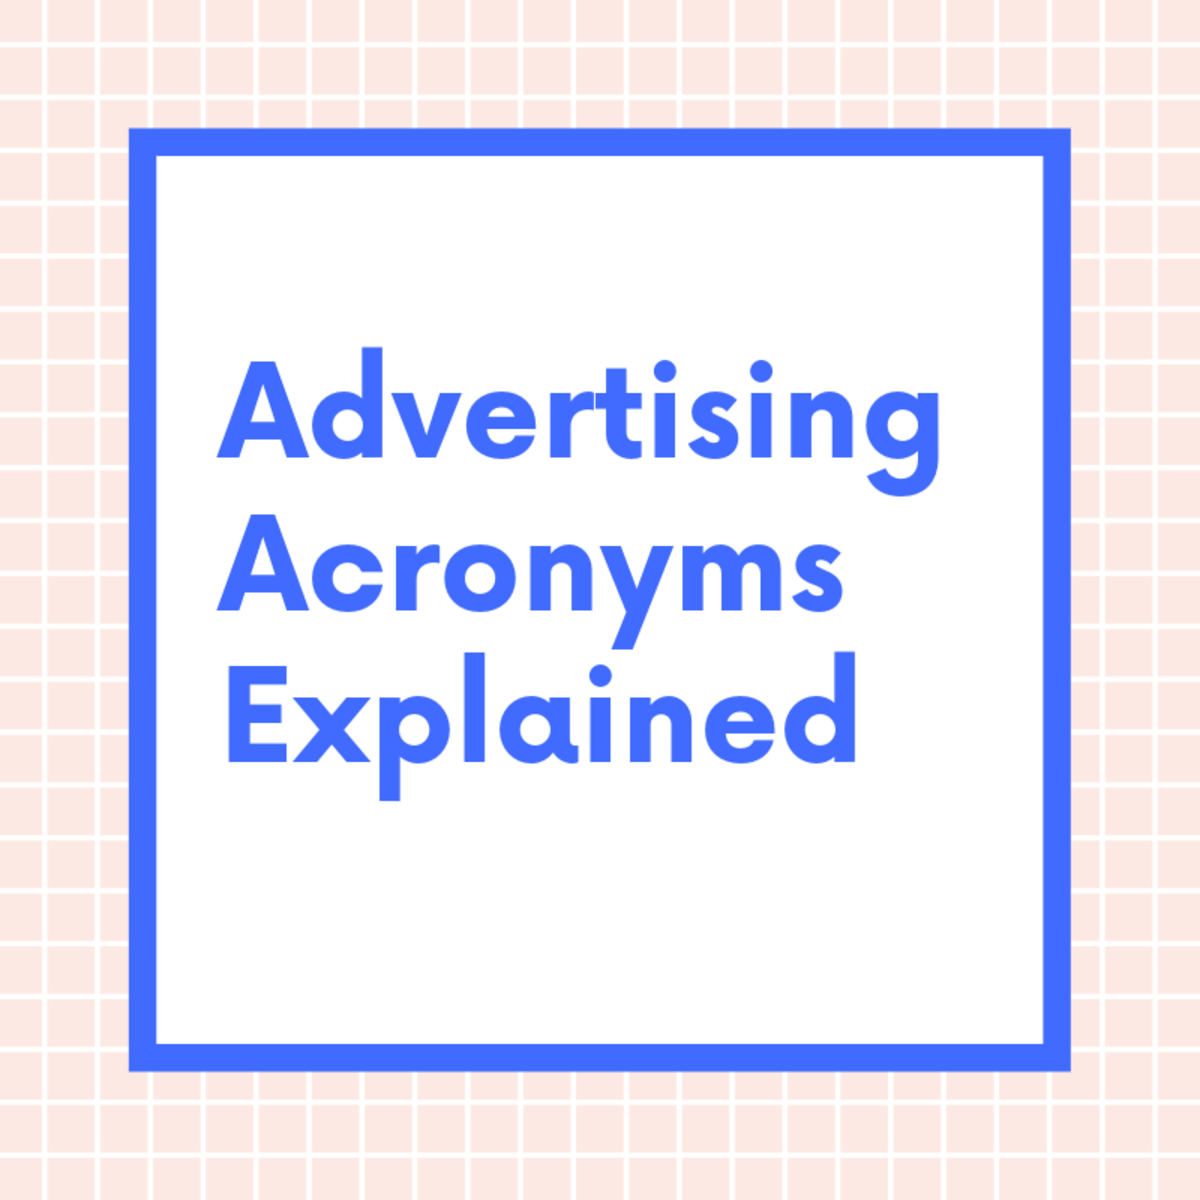 Advertising Acronyms Explained